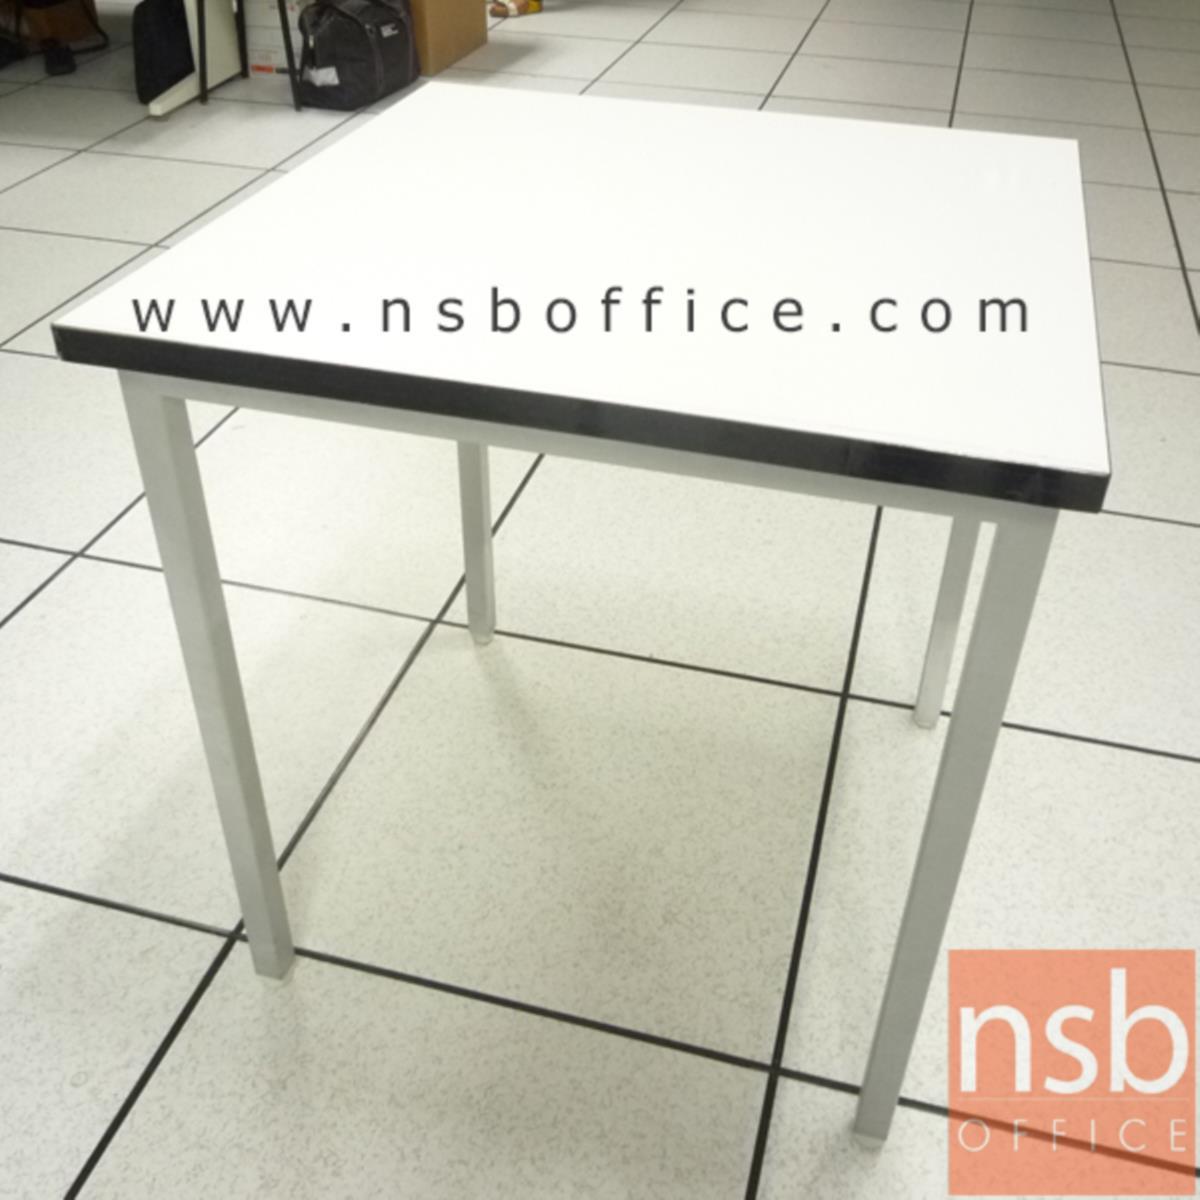 โต๊ะประชุมหน้าโฟเมก้าขาว รุ่น Bradlee (แบรดลีย์) ขนาด 75W cm.   ขาเหล็กชุบโครเมียมมีจุกรองยาง